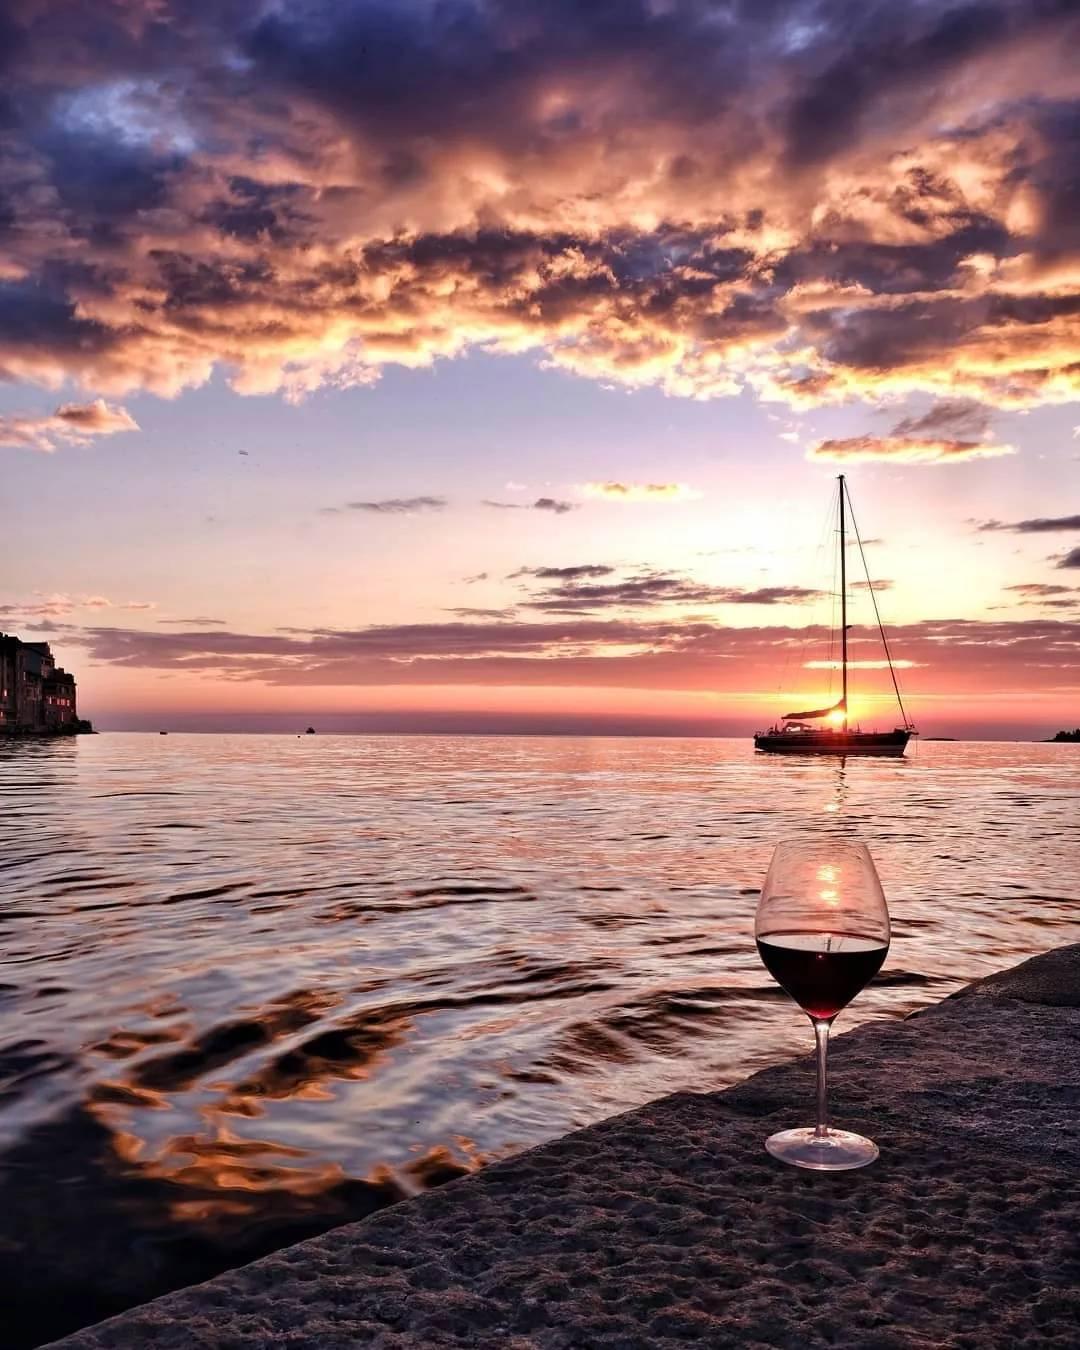 疯狂与浪漫并存的国家:夜晚亮起太阳,用海水演奏乐器